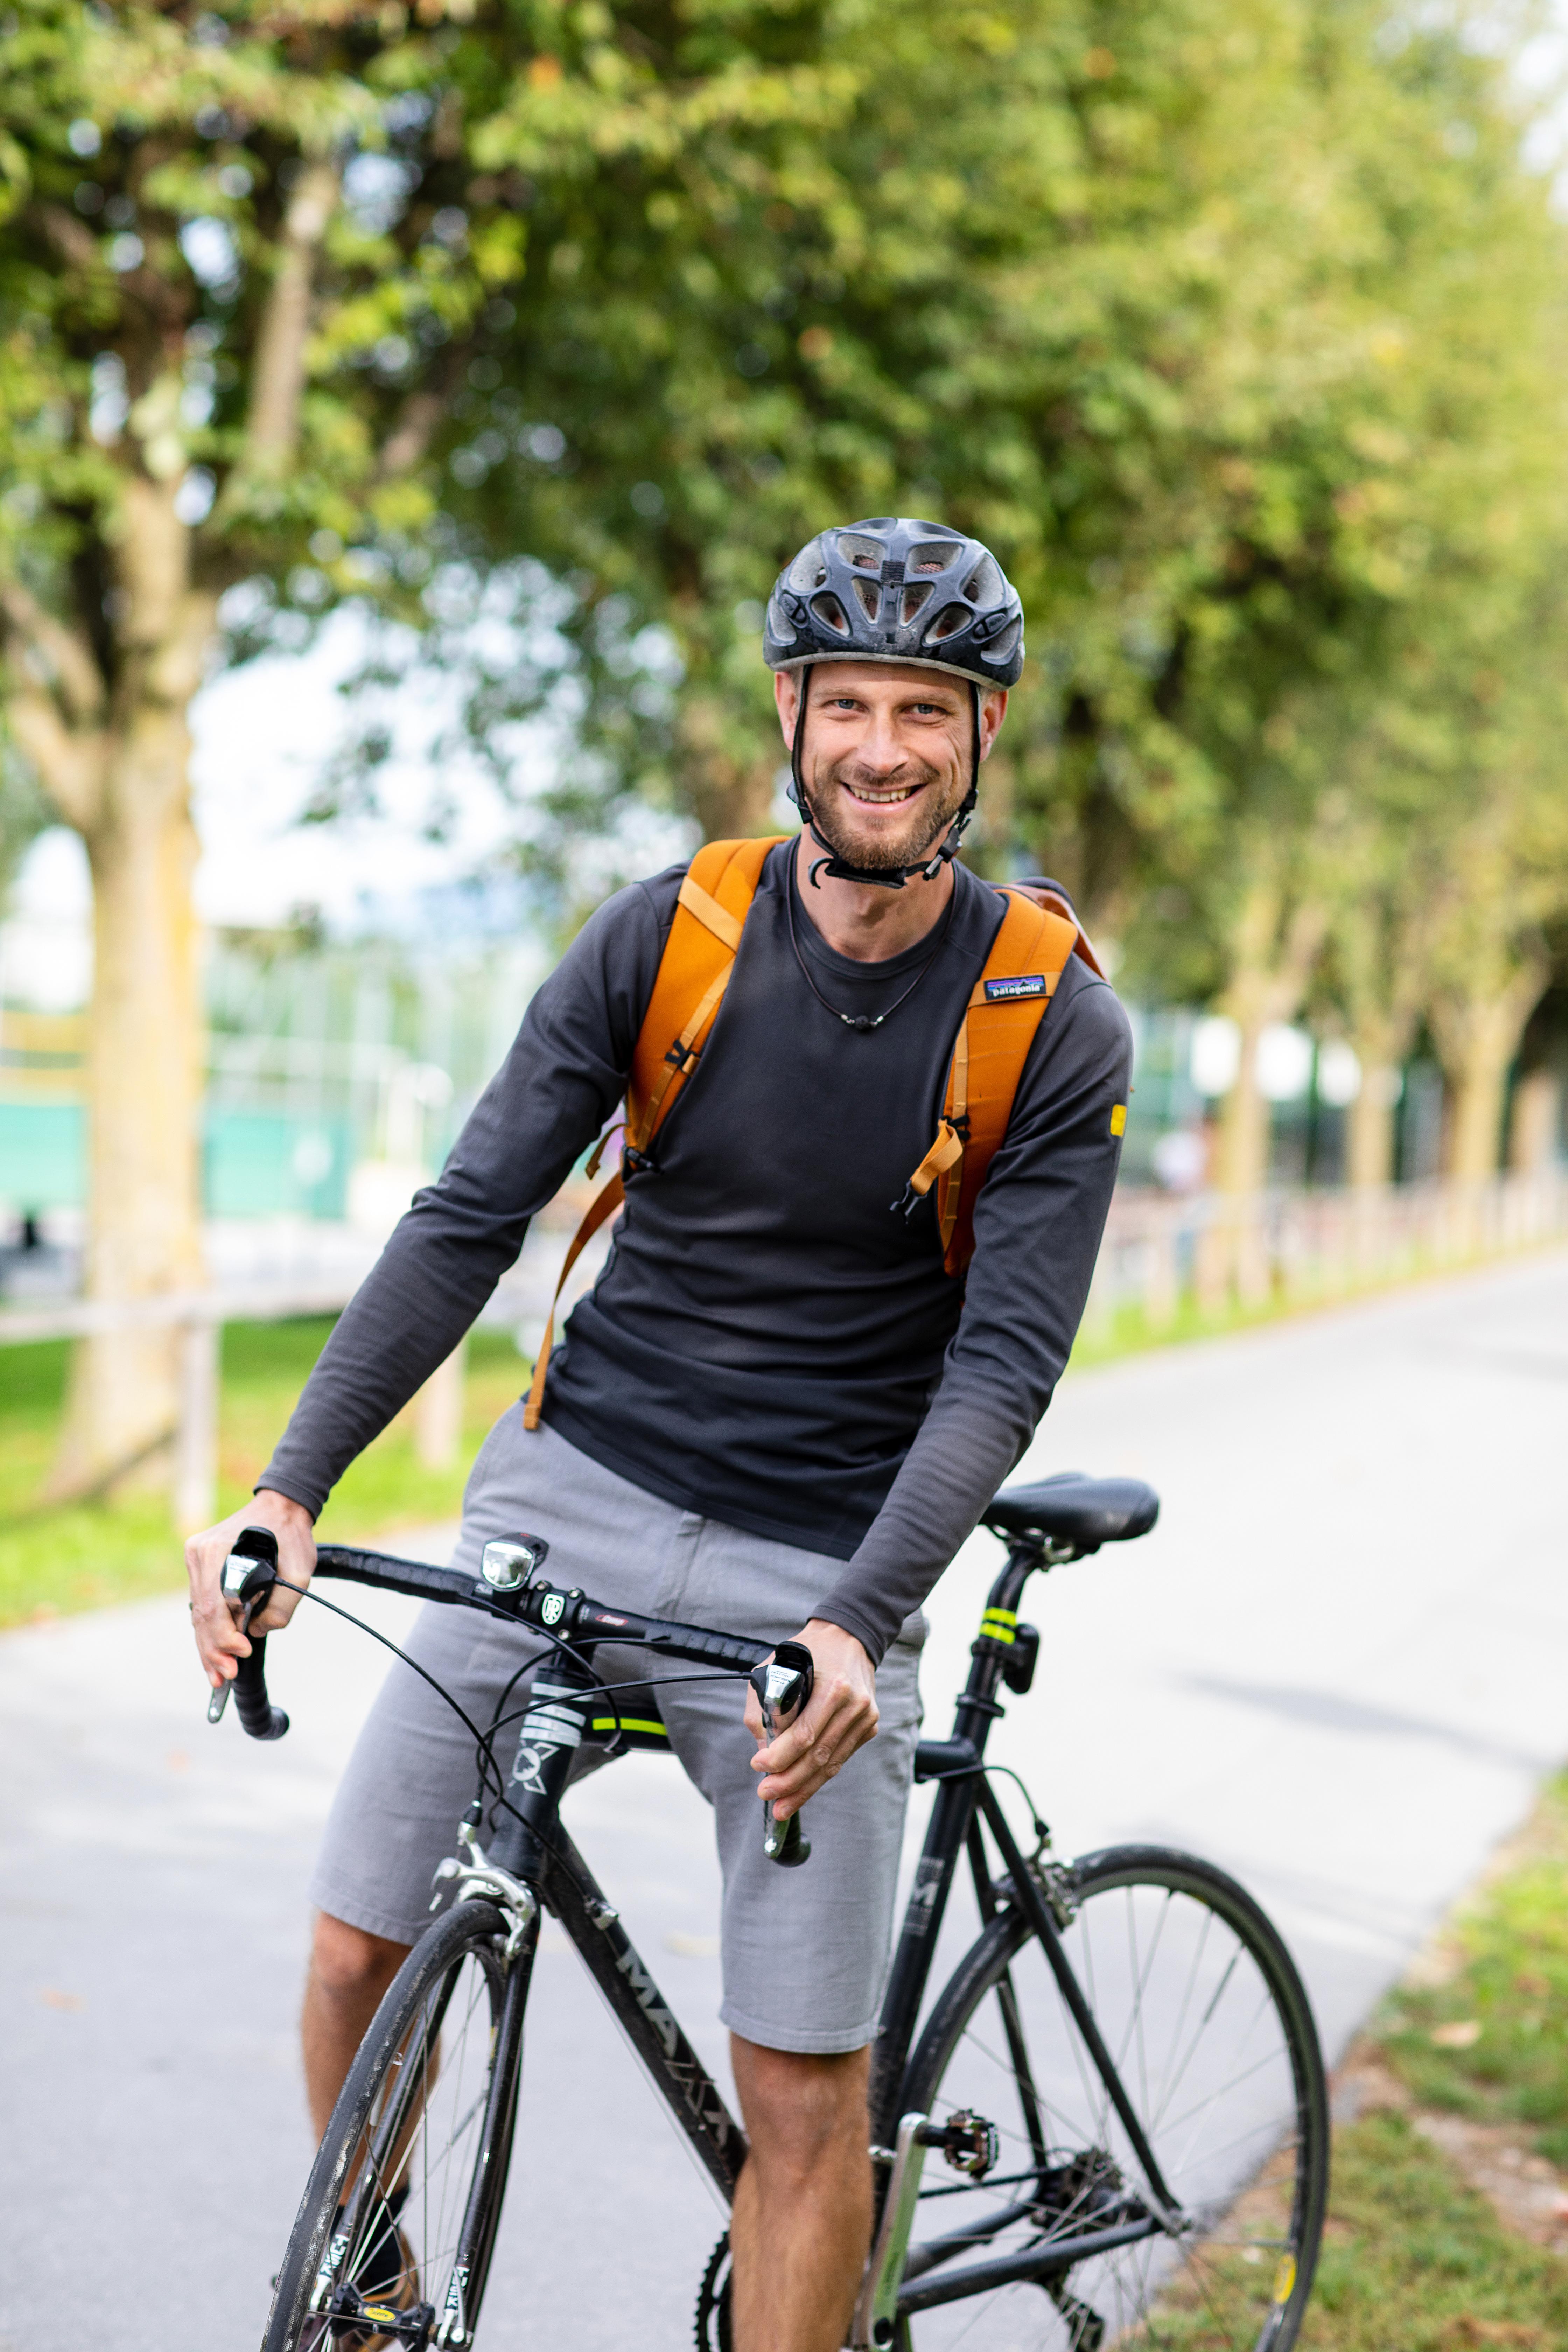 Tirol radelt wieder los! Am 20.3. startet die neue Radel-Saison. Das Bild zeigt einen fröhlichen jungen Mann mir Fahrrad.